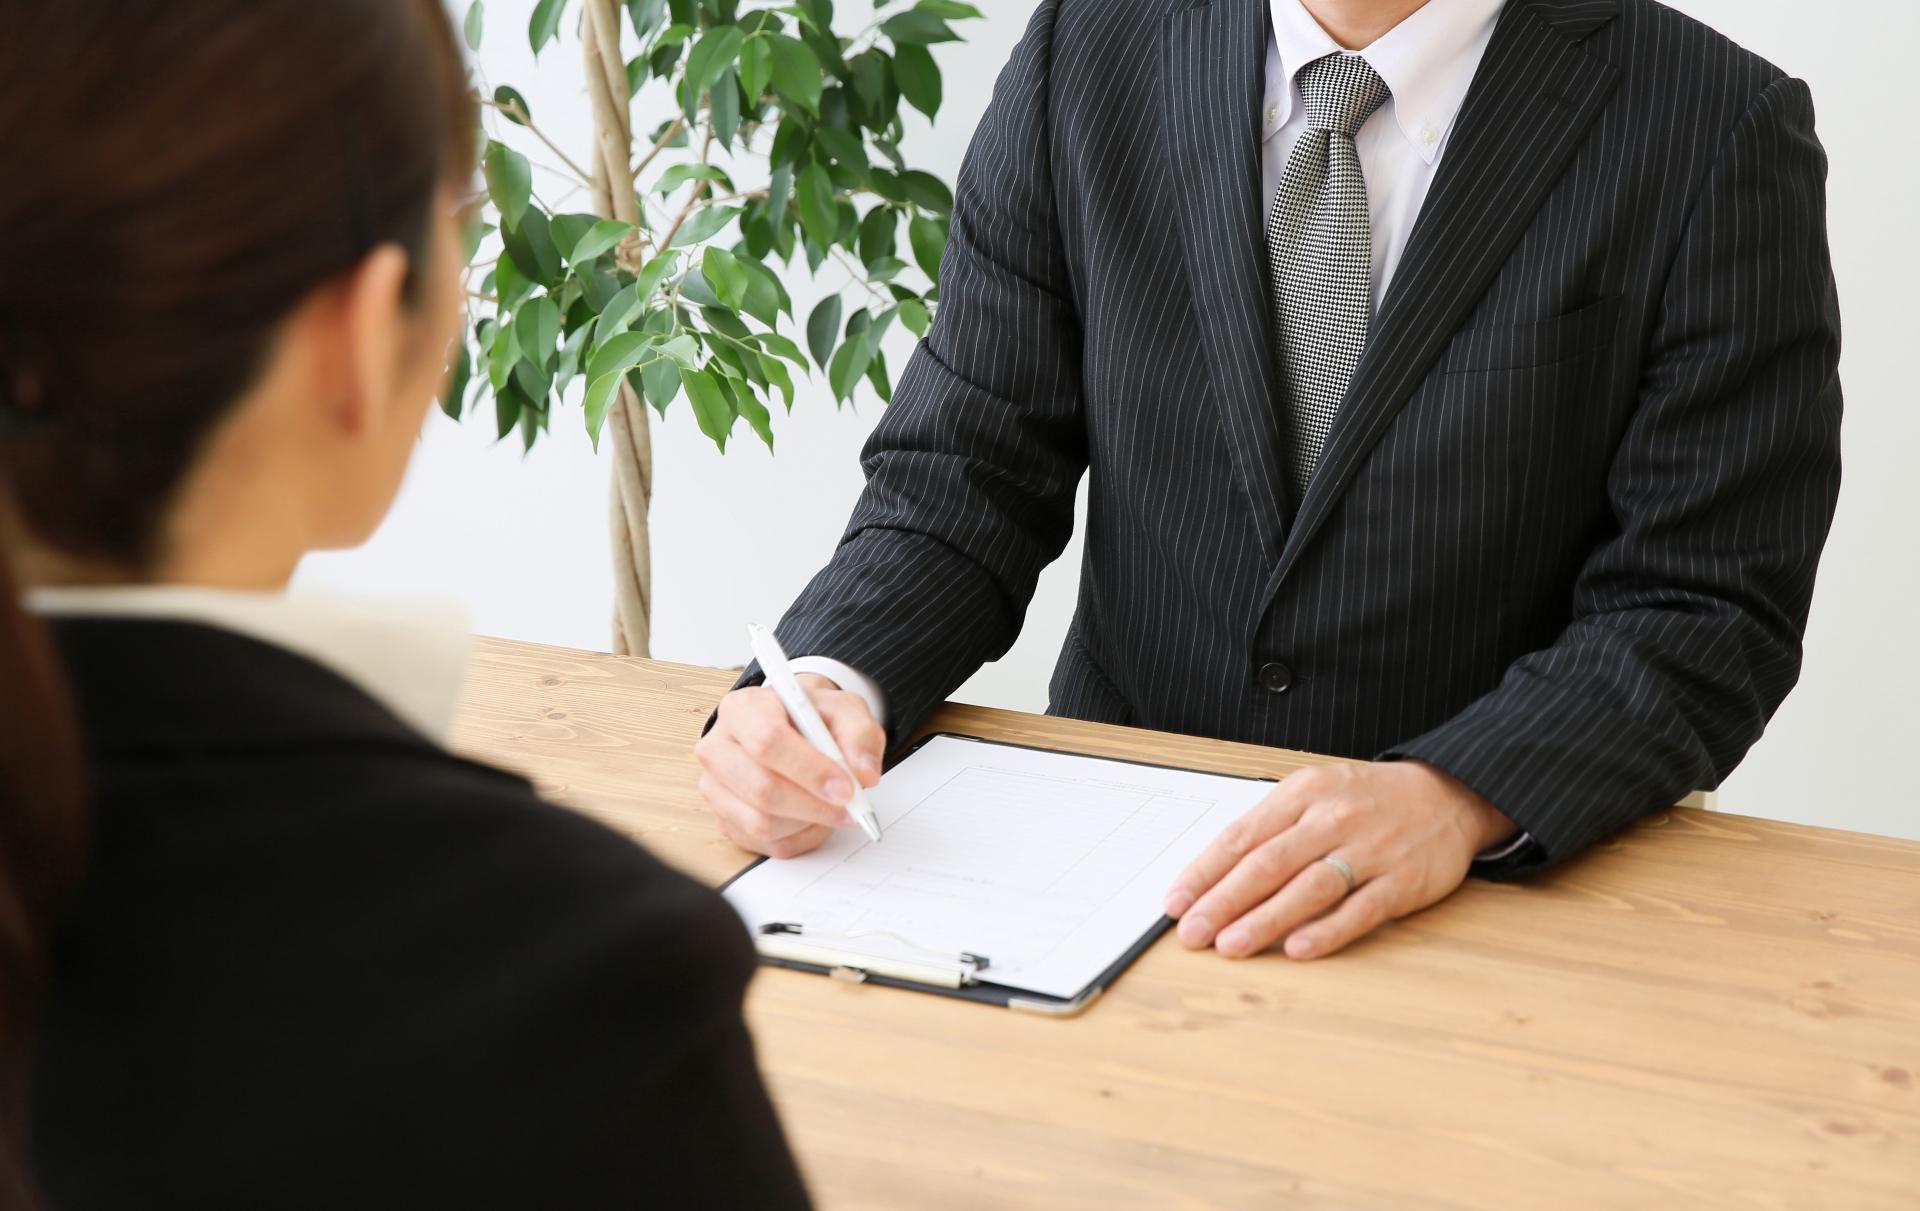 公務員試験の面接当日における基本的なマナーについて